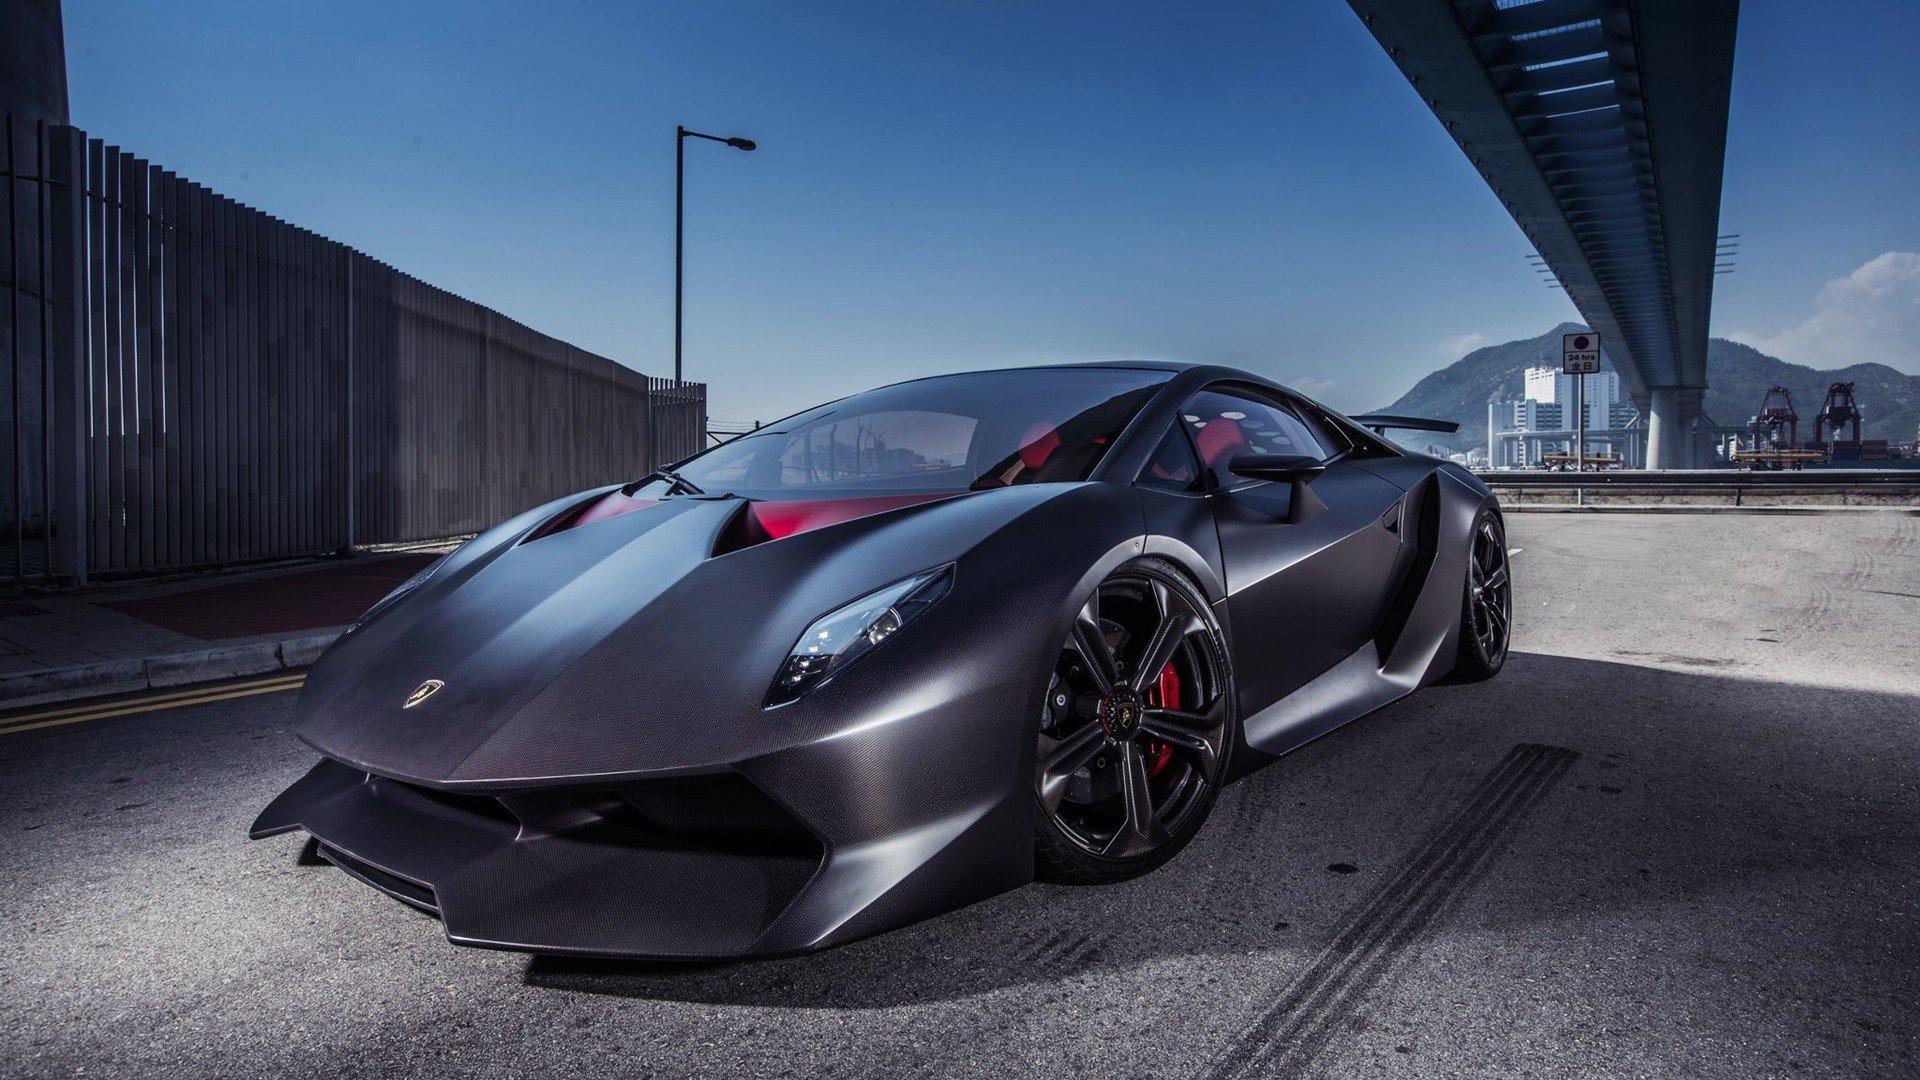 Lamborghini Sesto Elemento Hd Wallpaper Background Image